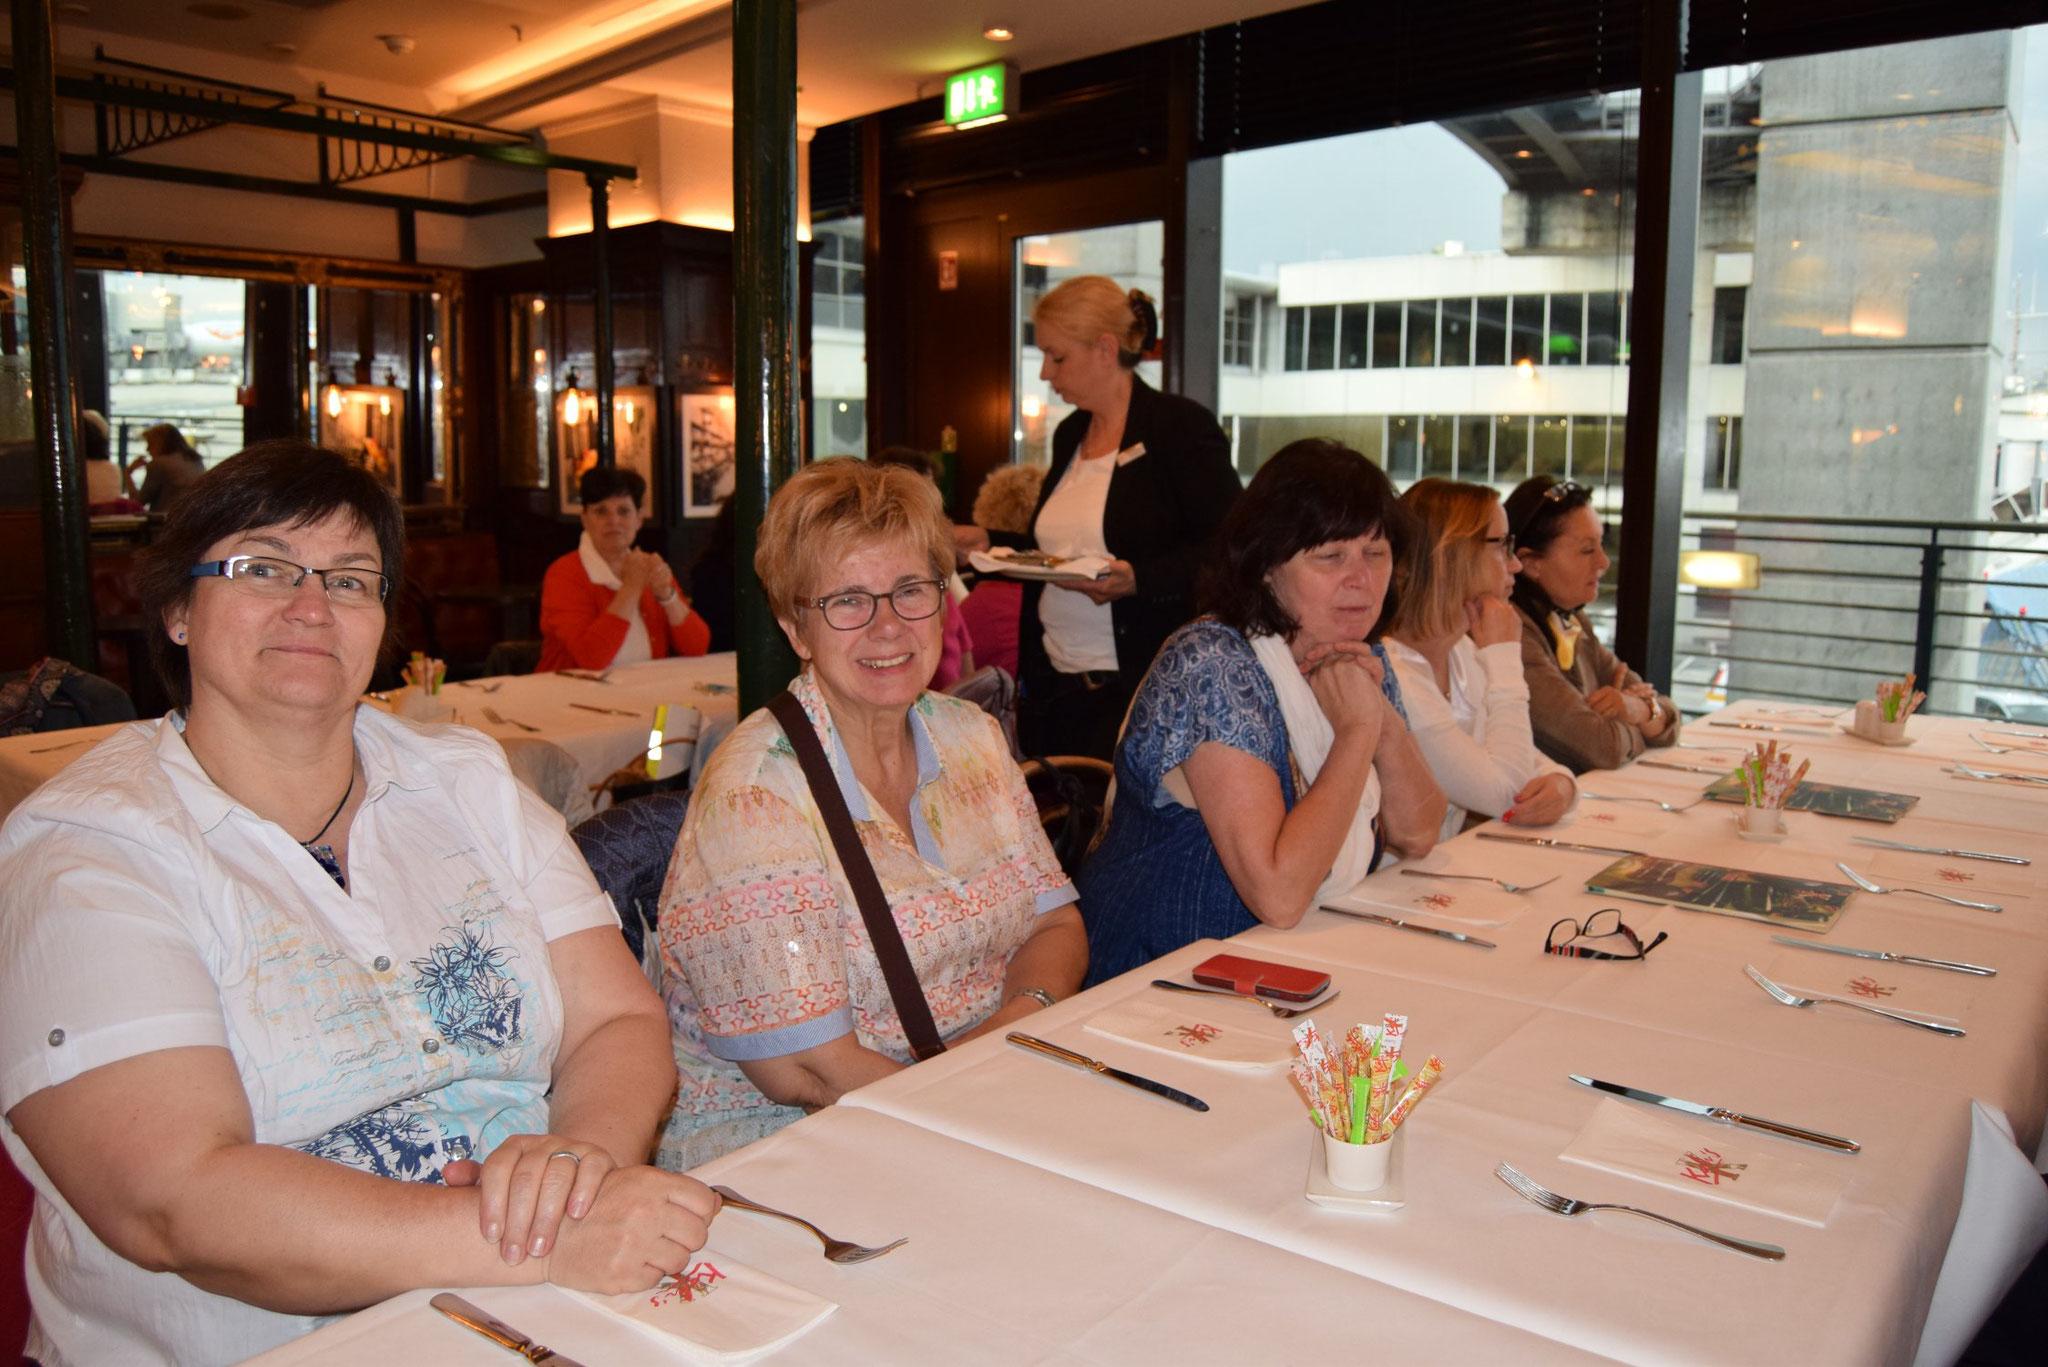 05-17 entspanntes Warten auf das Abendessen im Flughafenrestaurant